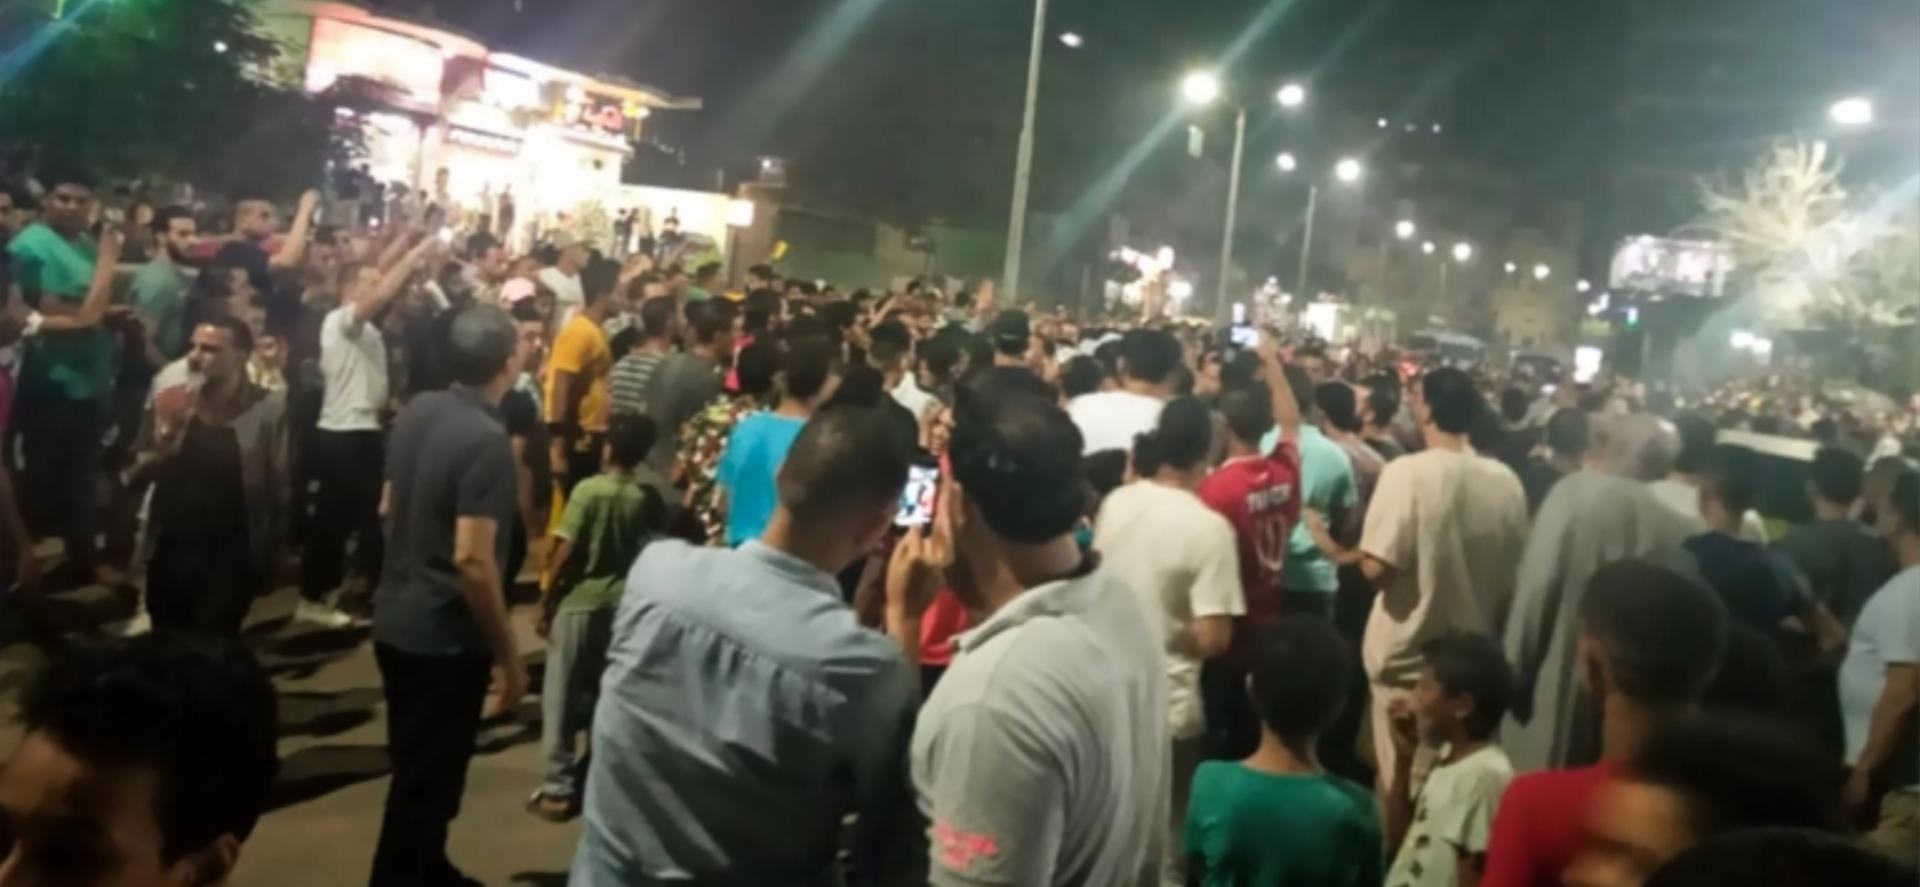 Mısırlılar korku duvarını aştı: Protestolar yayılıyor